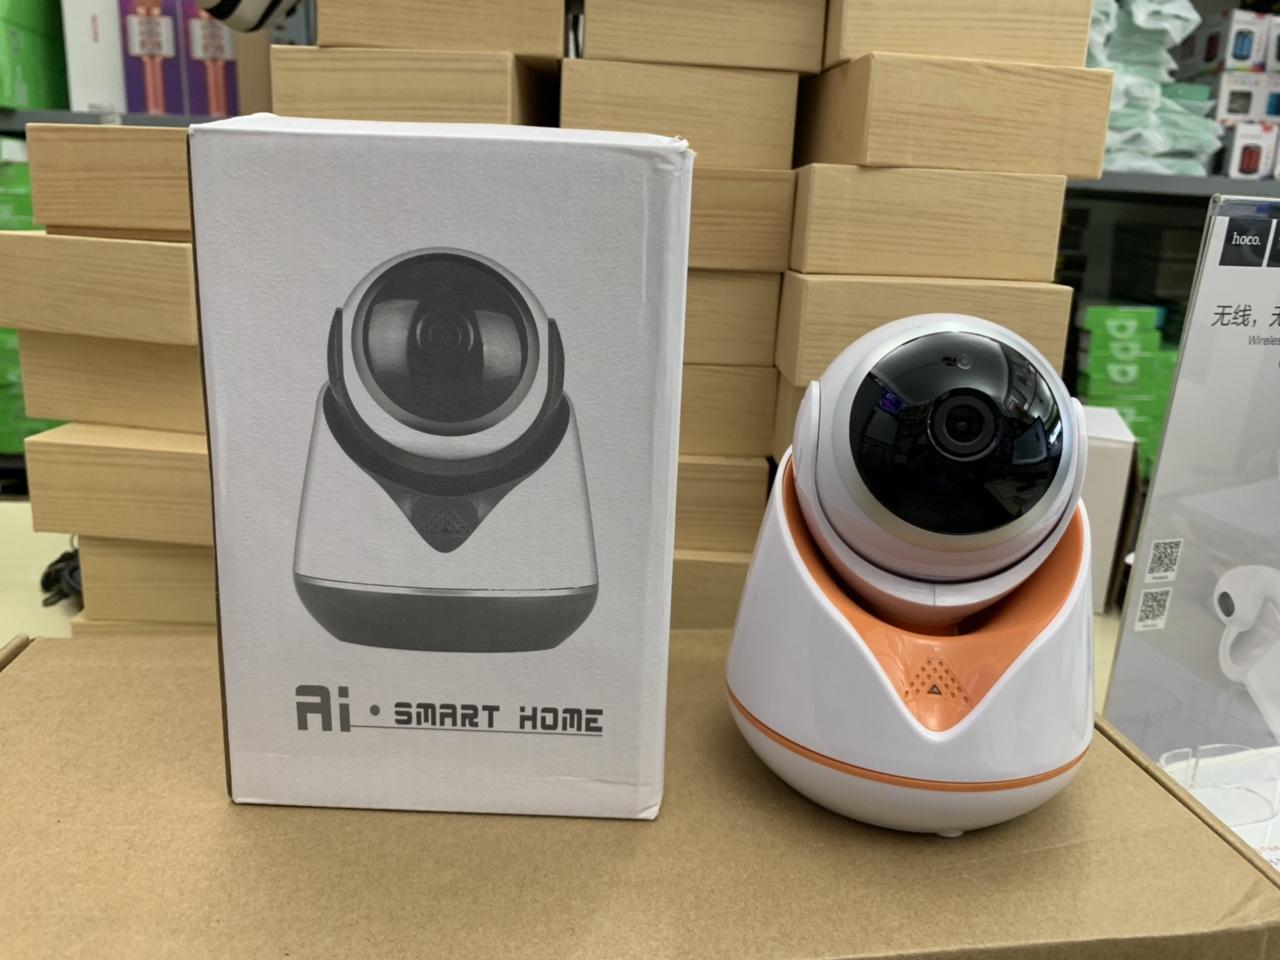 Camera Smart Home thông minh mới nhất 2,0MP, quản lý phần mềm siêu chuẩn giá sỉ và lẻ rẻ nhất